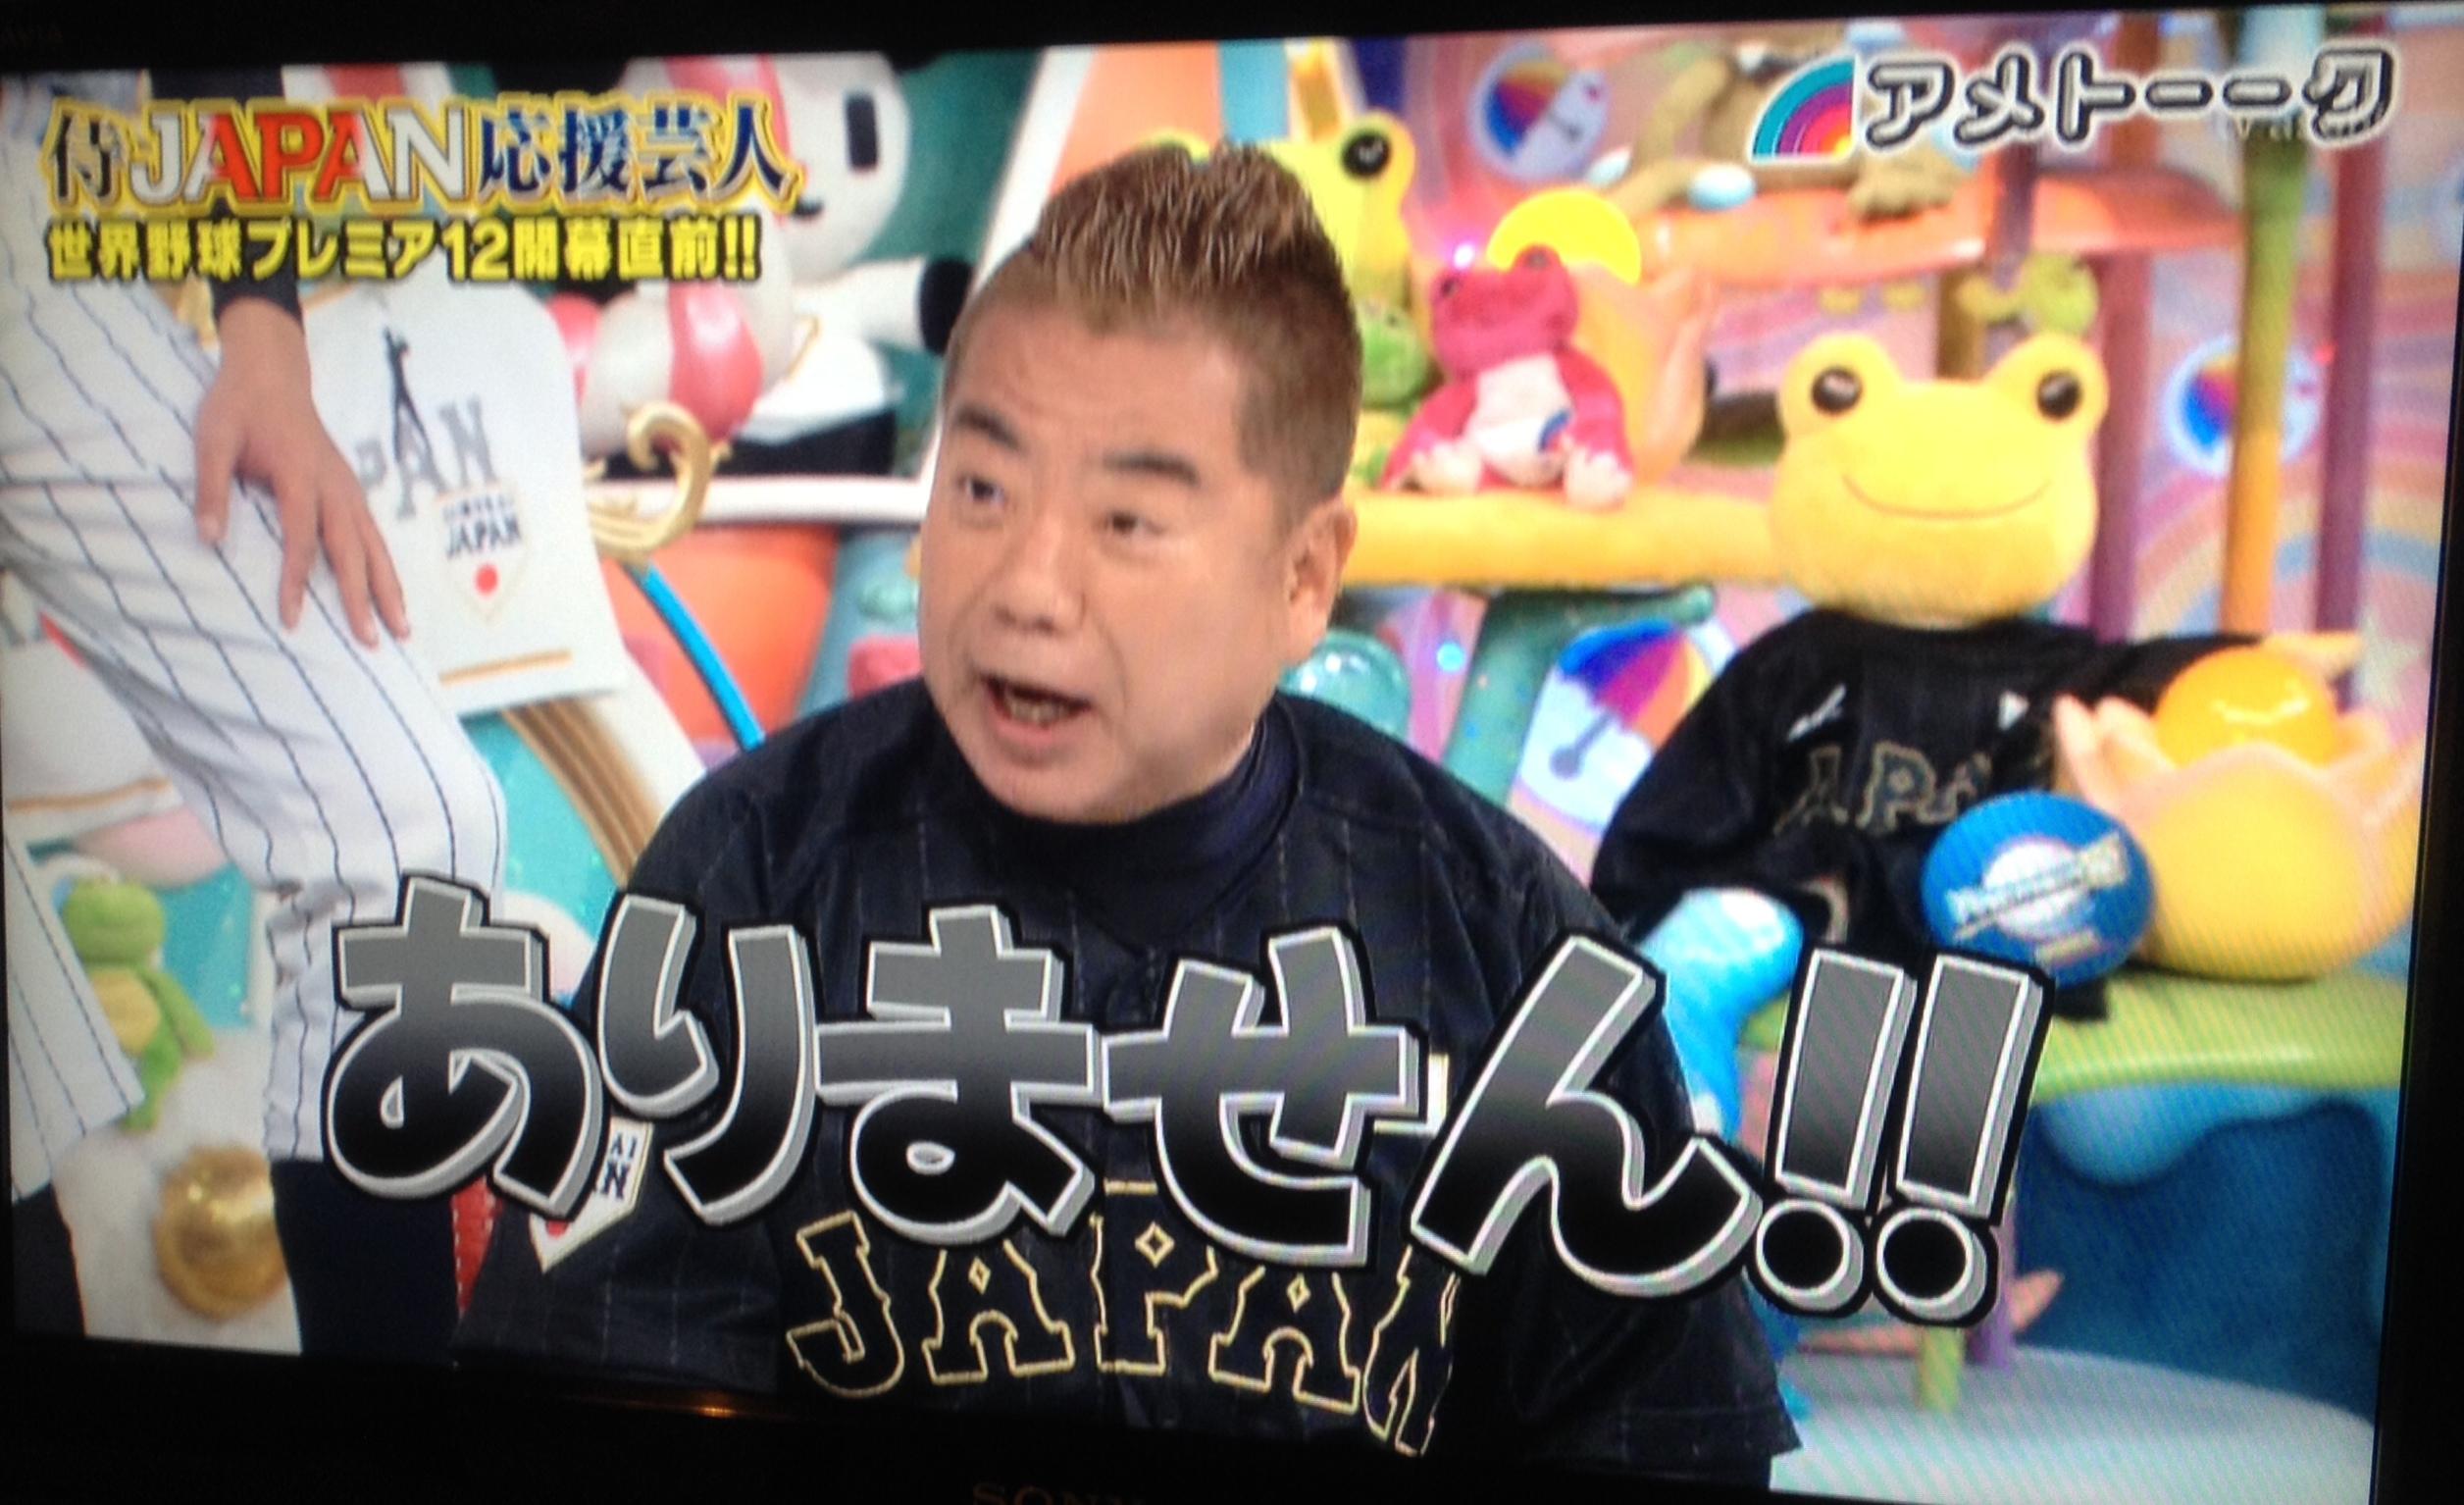 アメトーーク侍ジャパンJAPAN応援芸人2